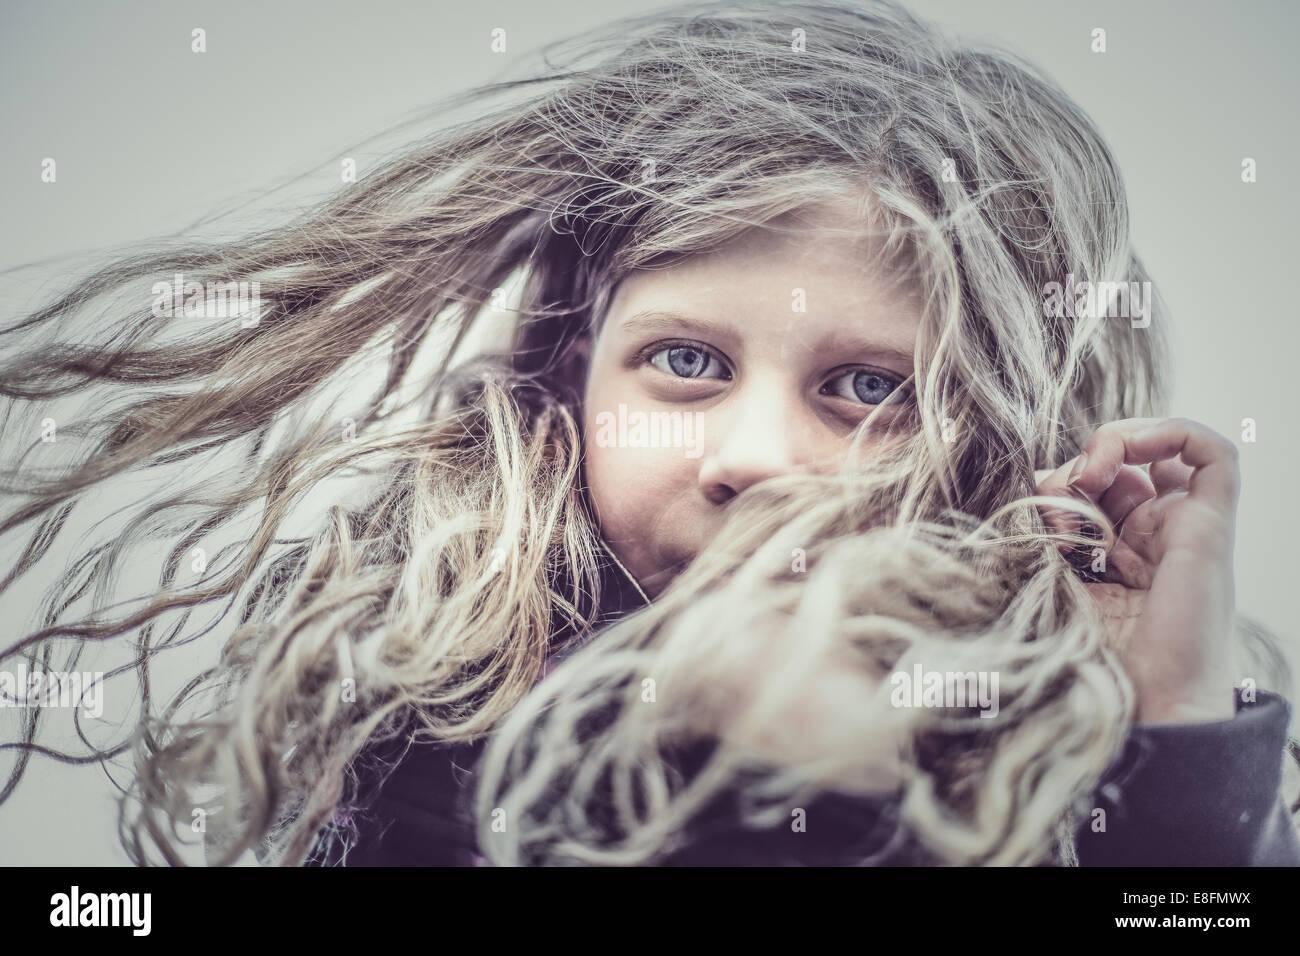 Ritratto di ragazza (8-9) con capelli soffiando nel vento Immagini Stock